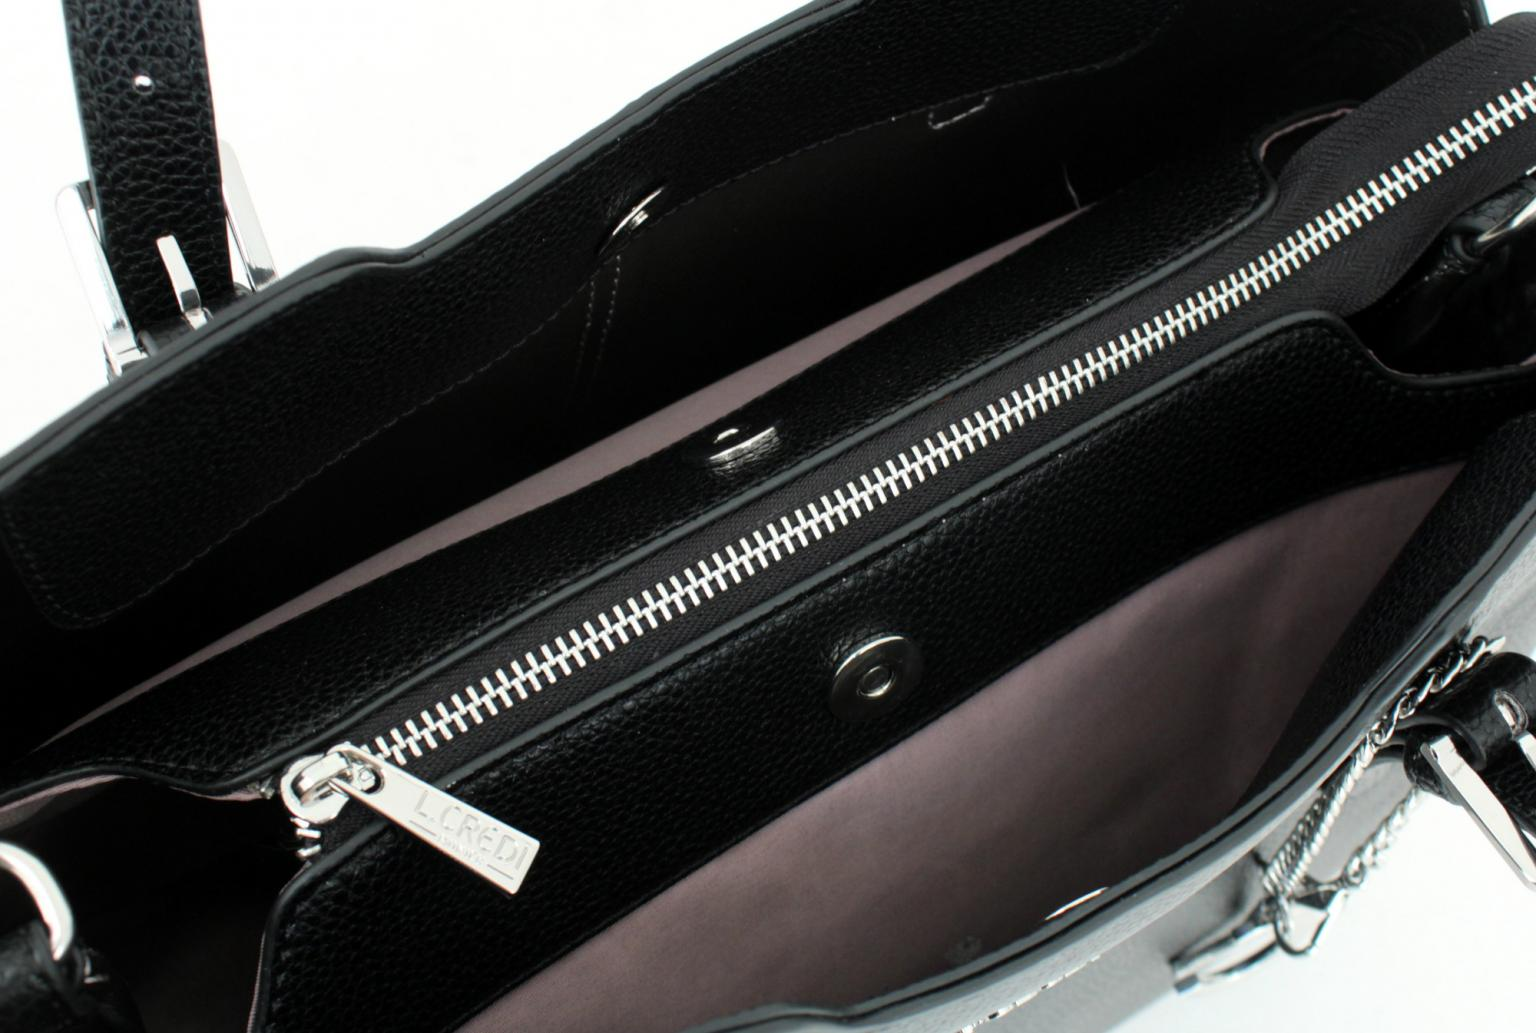 Lederhandtasche L.Credi Chiara schwarz silber Umhängegurt